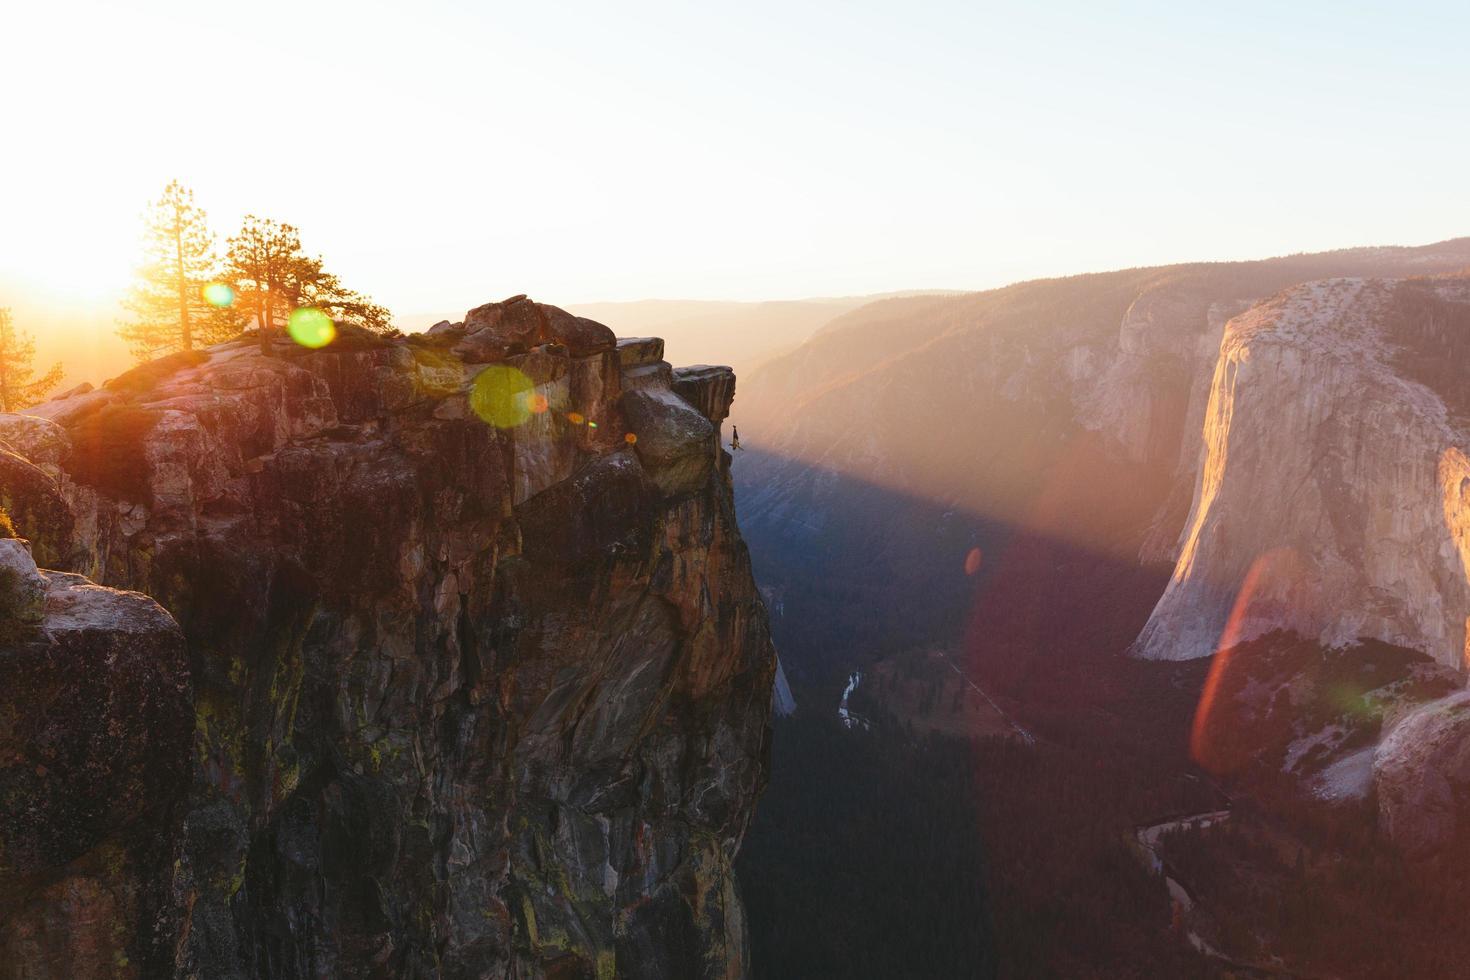 grimpeur se bloque de taft point à yosemite photo